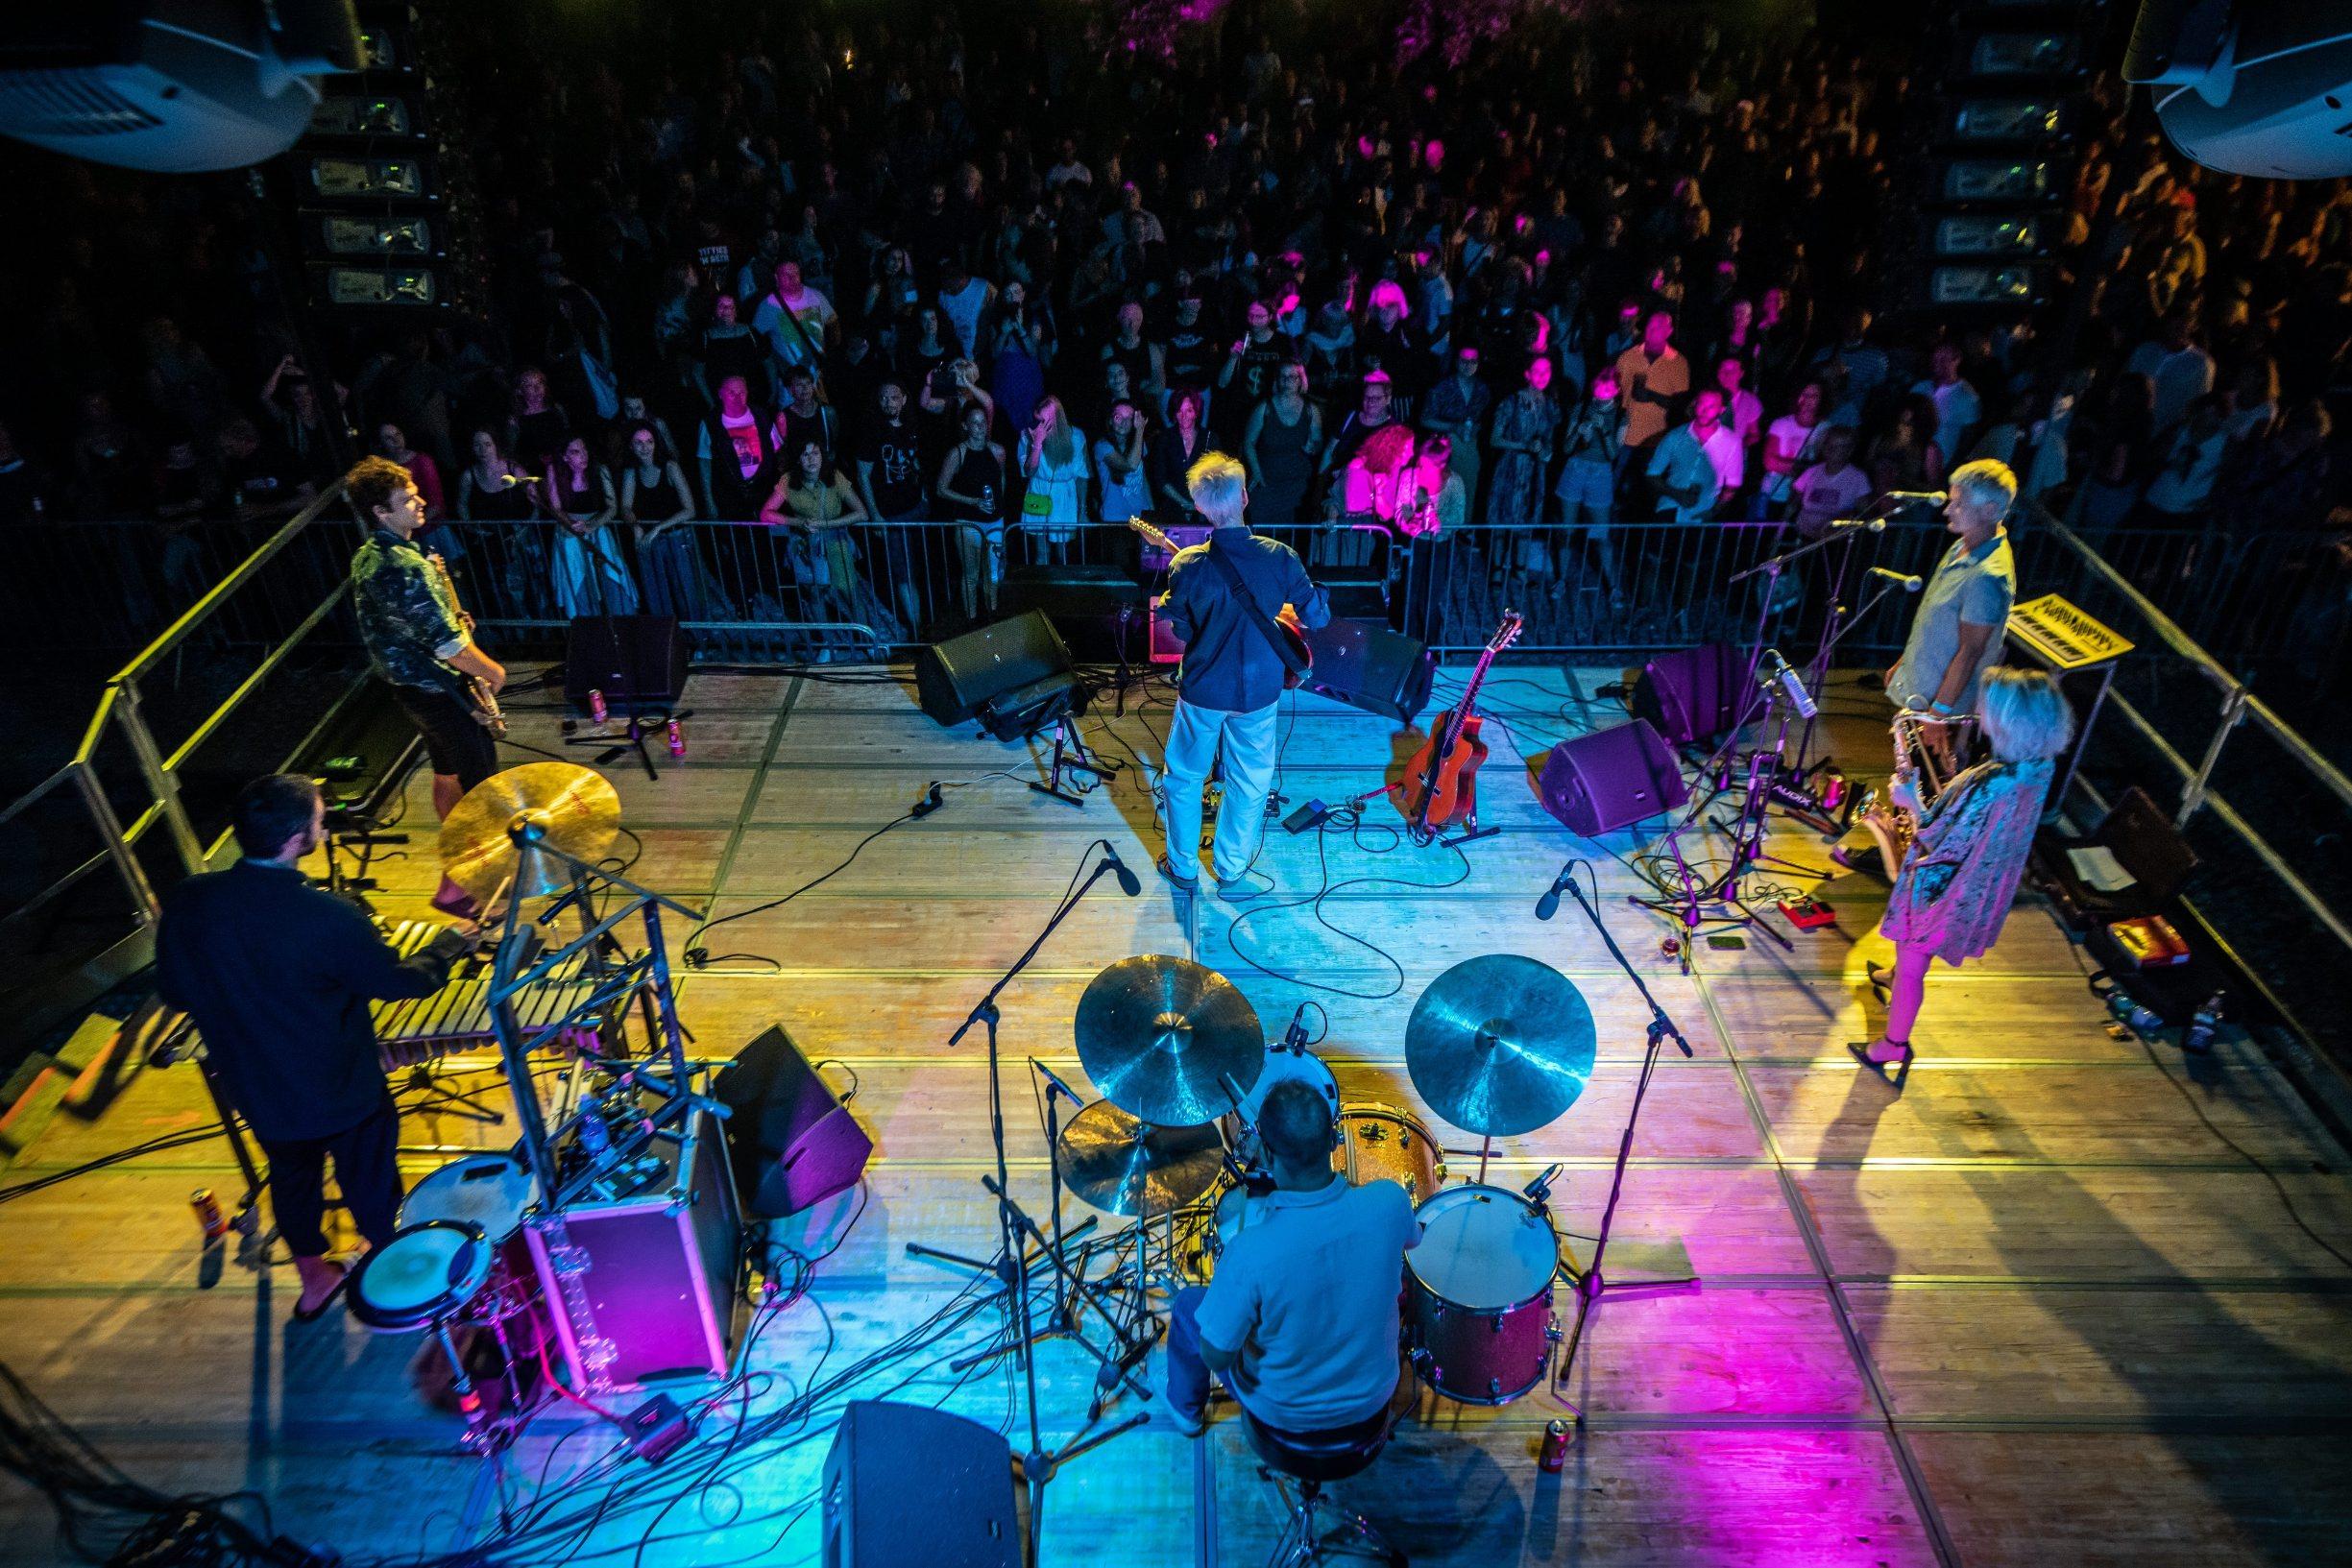 Pula, 070820.  Prvi koncert nakon visemjesecne pauze, odrzali su Darko  Rundek i Ekipa na pulskom Kastelu u organizaciji Incognito Agencya. Foto: Danijel Bartolic / CROPIX